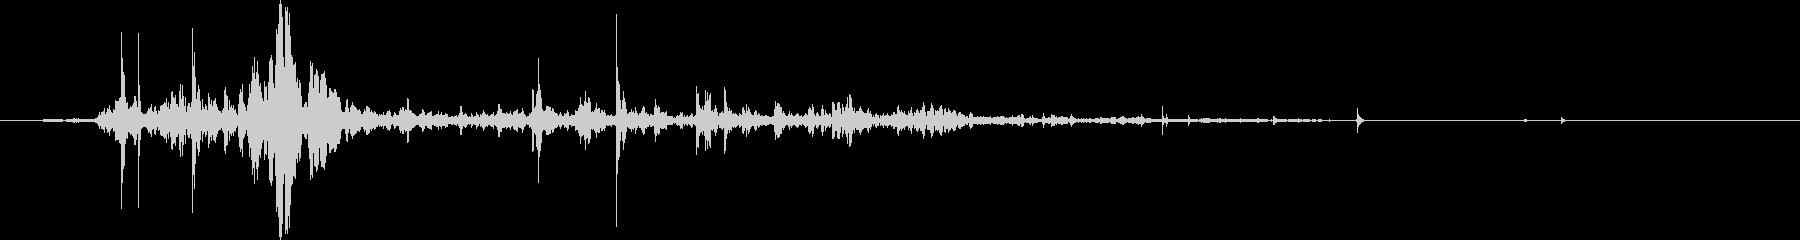 自動:INT:ヘビードロップまたは...の未再生の波形